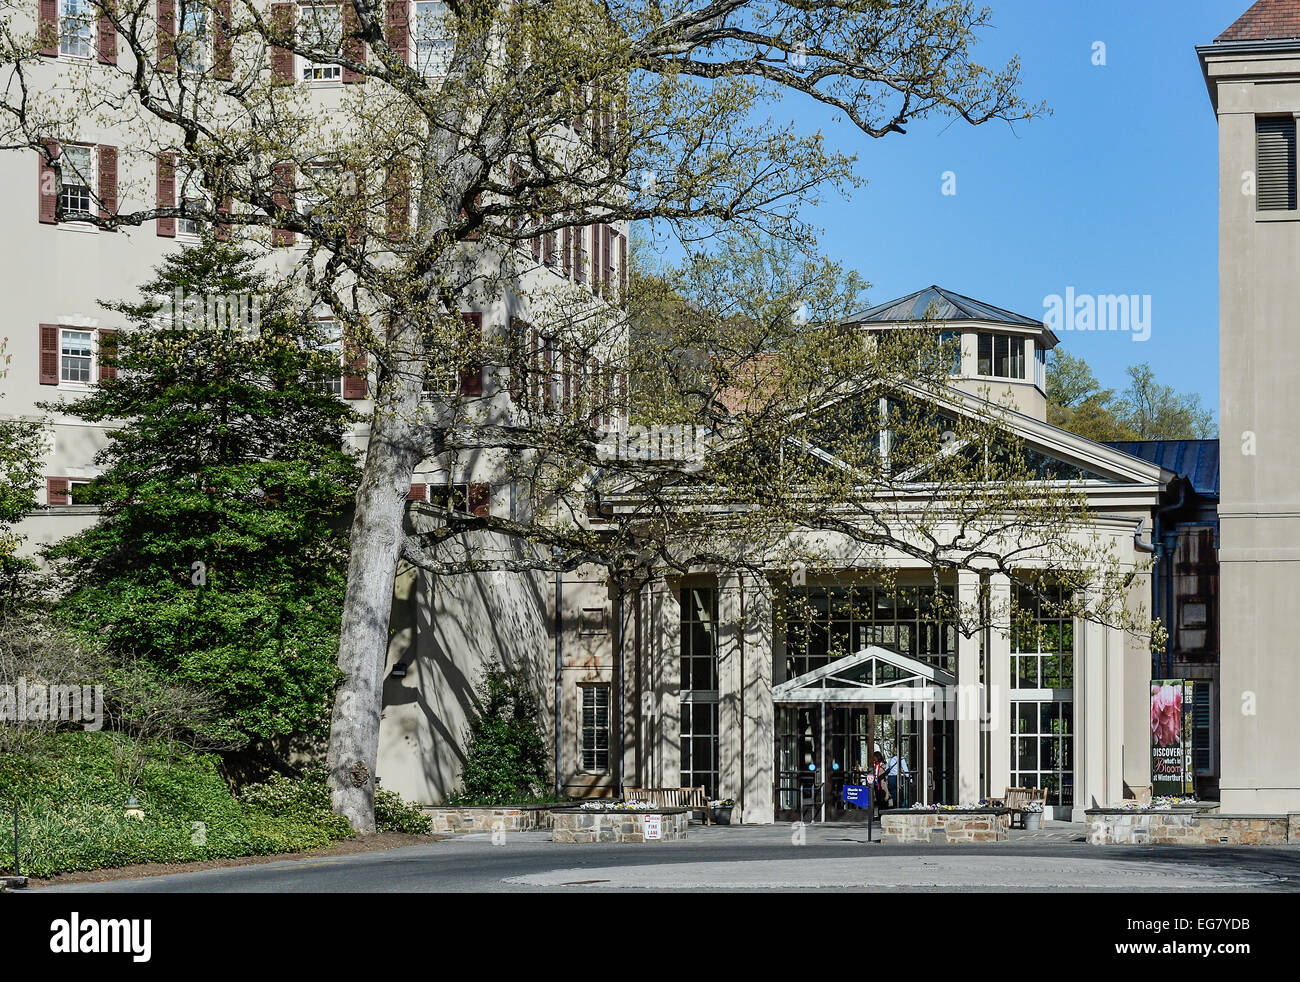 Winterthur museo di arti decorative e giardini, DELAWARE, STATI UNITI D'AMERICA Immagini Stock